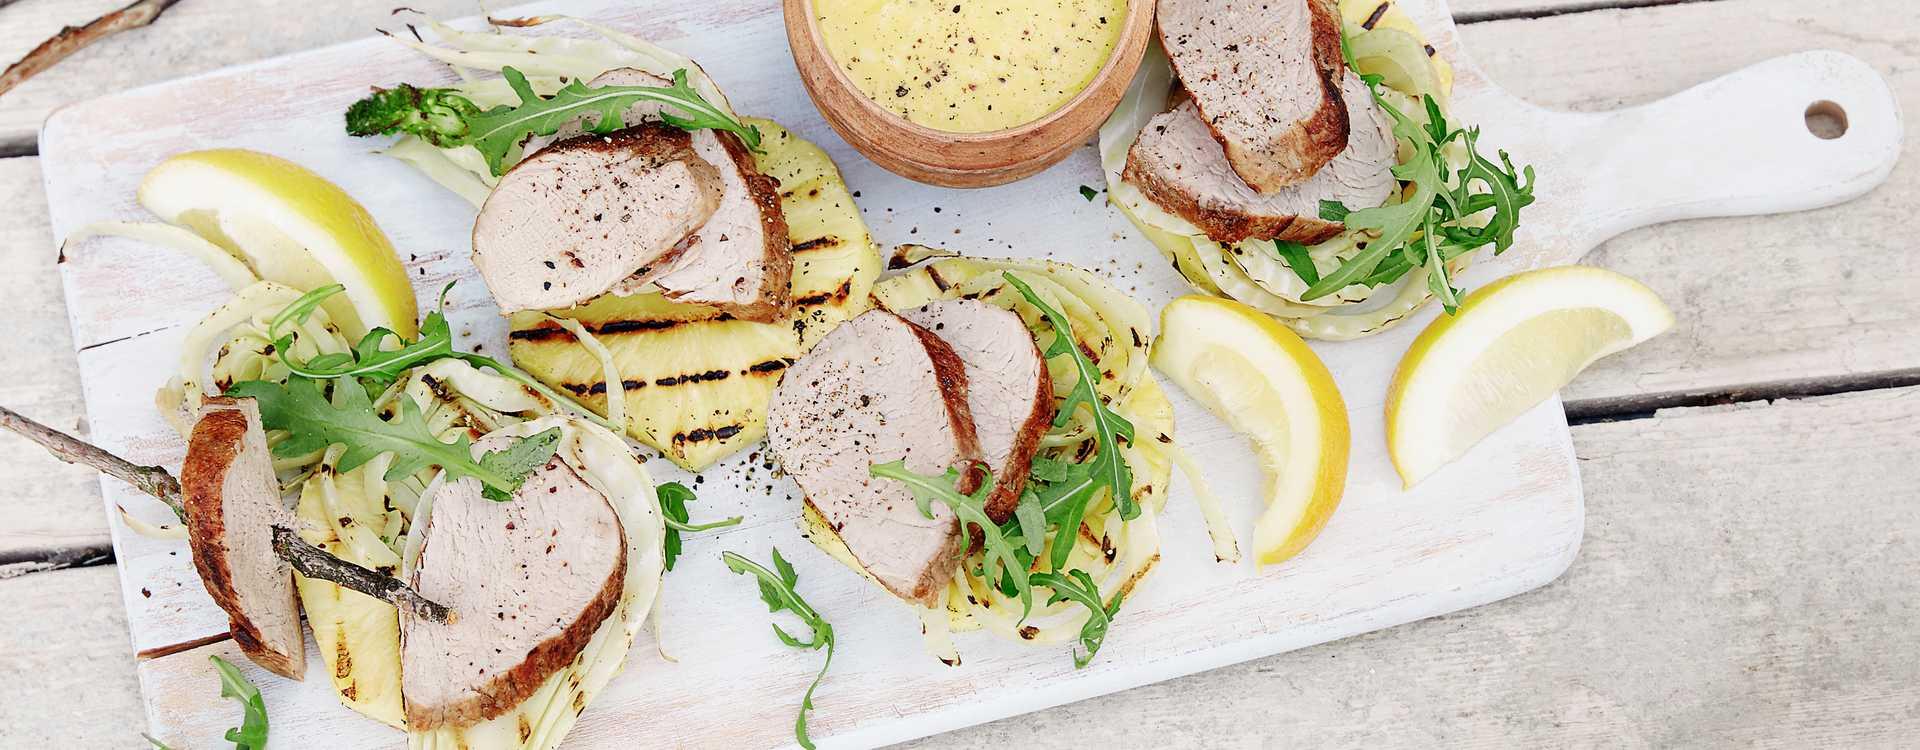 Grillet svinefilet, ananas og fennikel med sitronvinaigrette